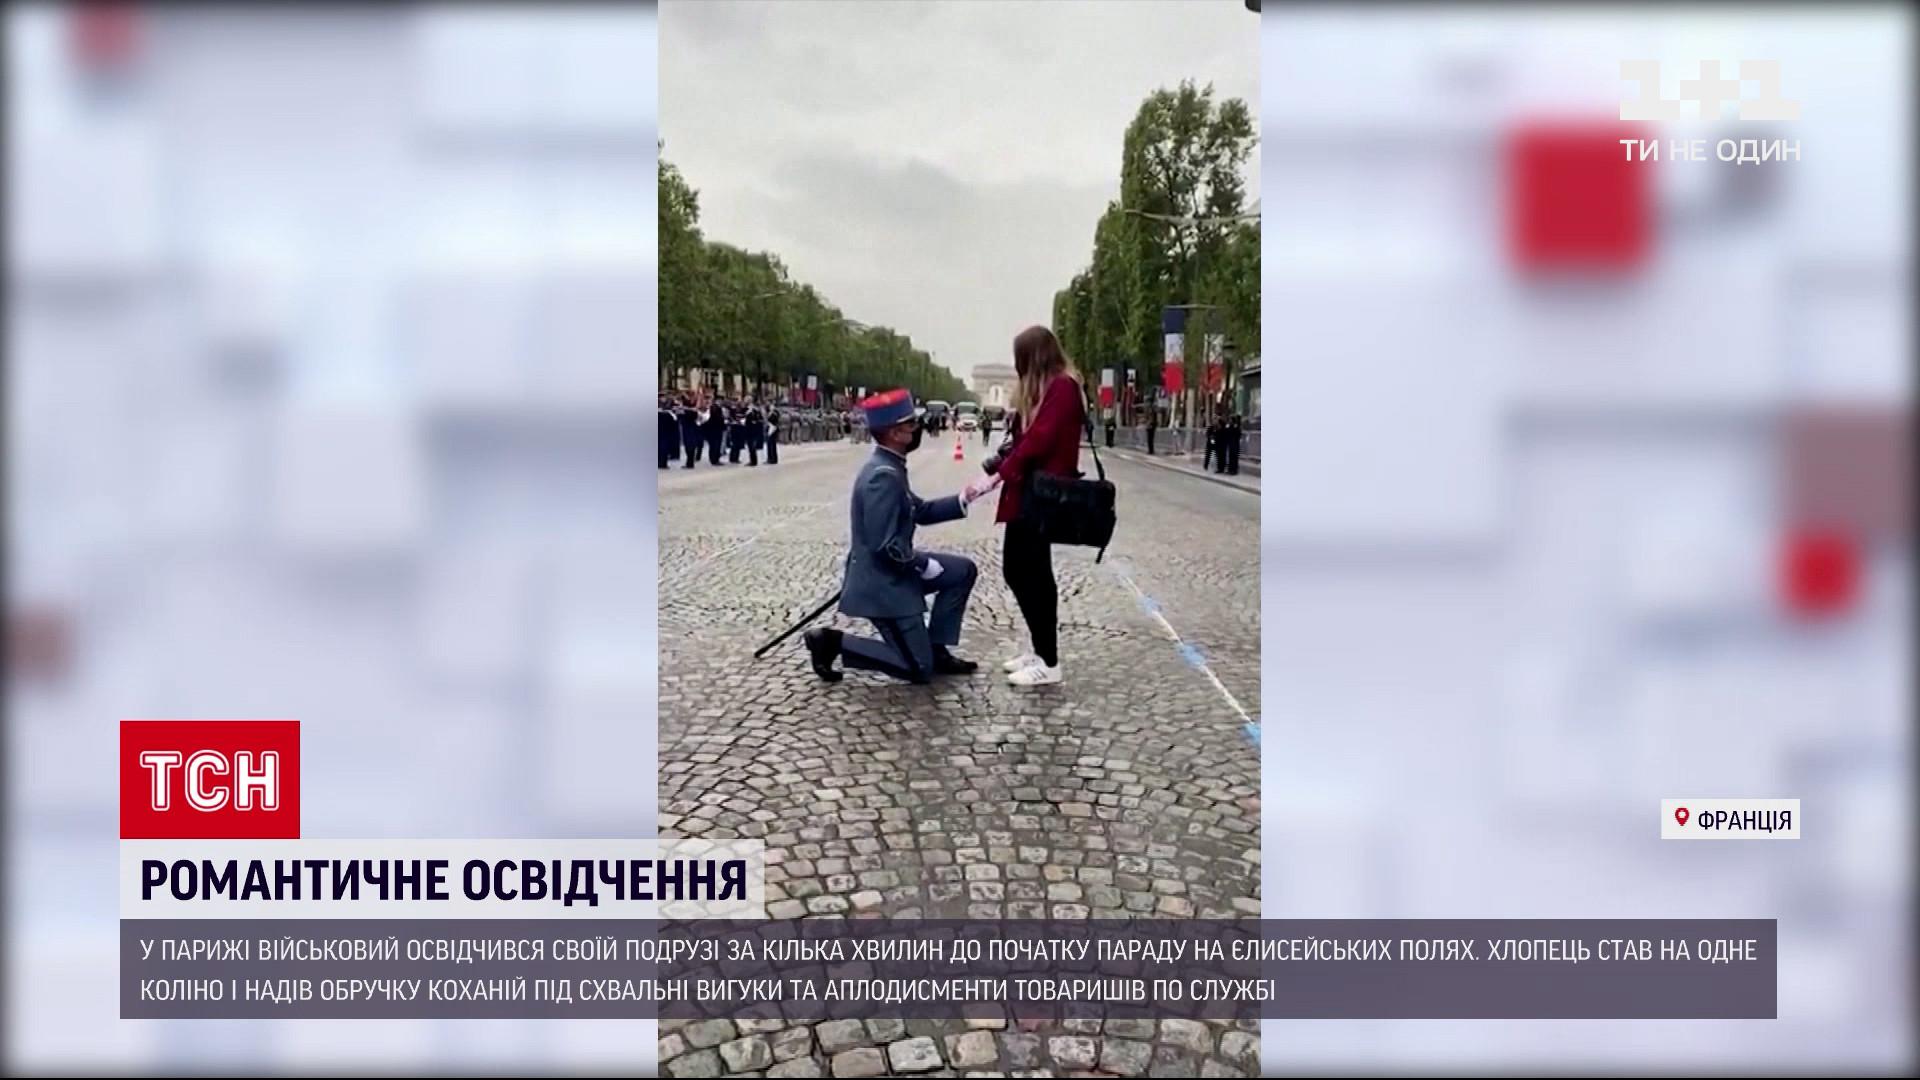 Военный сделал предложение руки и сердца своей подруге